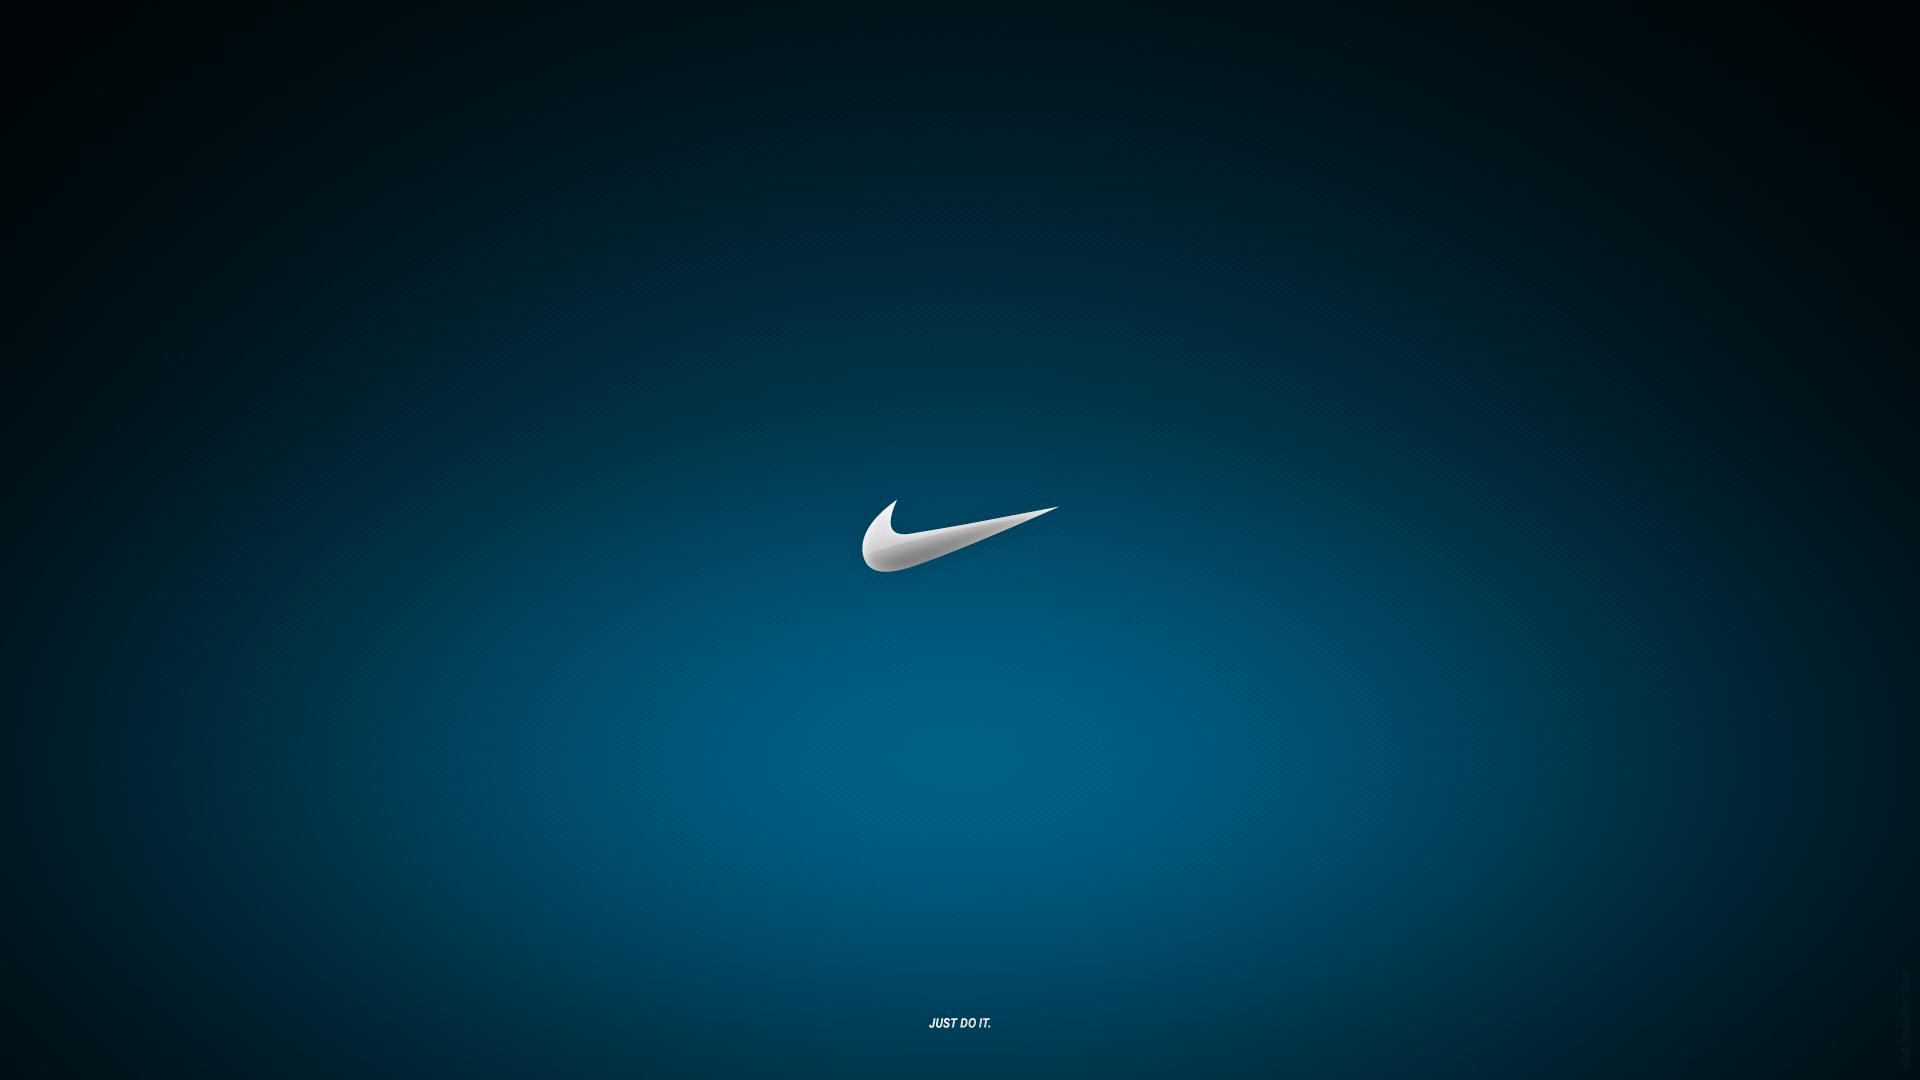 Cool Nike Logo Wallpaper HD 1920x1080